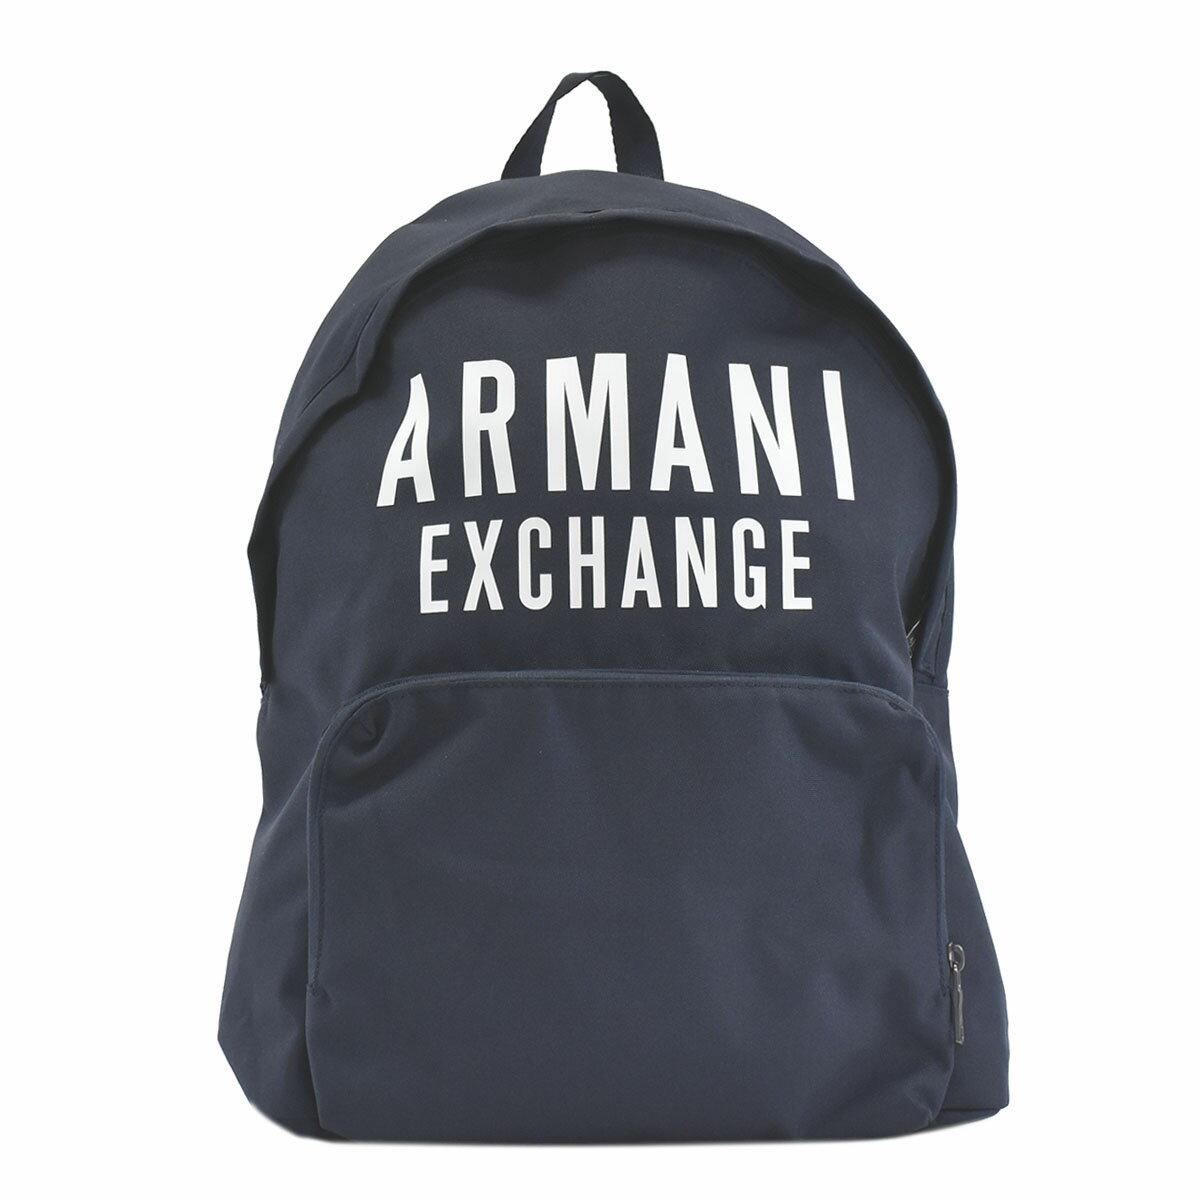 メンズバッグ, バックパック・リュック  ARMANI EXCHANGE 952199 BACKPACK 37735 NAVY